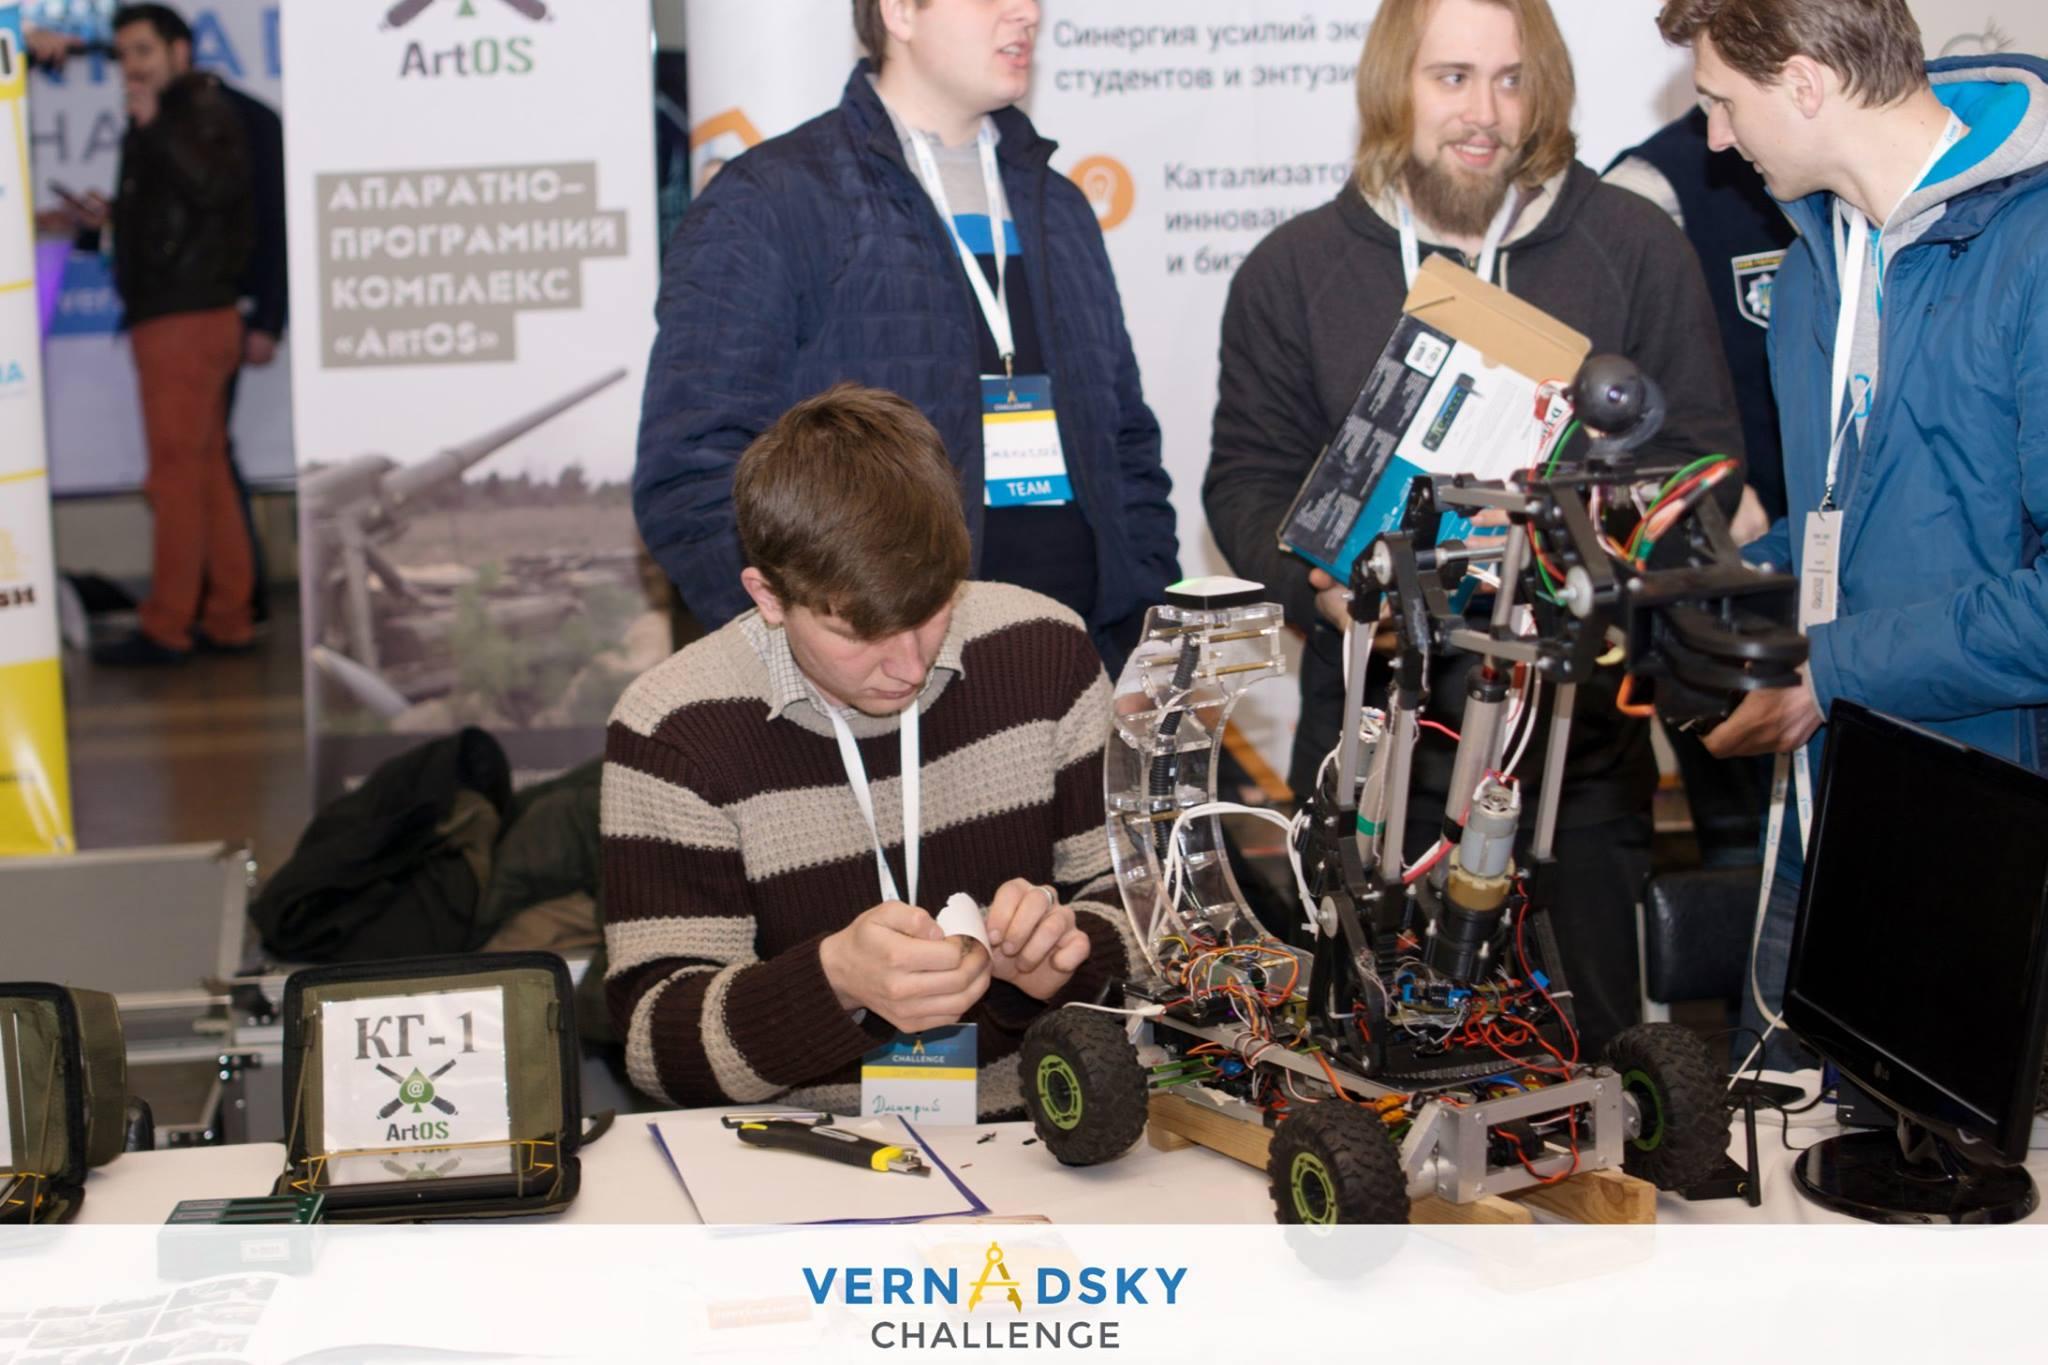 Судьба победителей и их проектов после участия в конкурсе Vernadsky Challenge под эгидой Макса Полякова